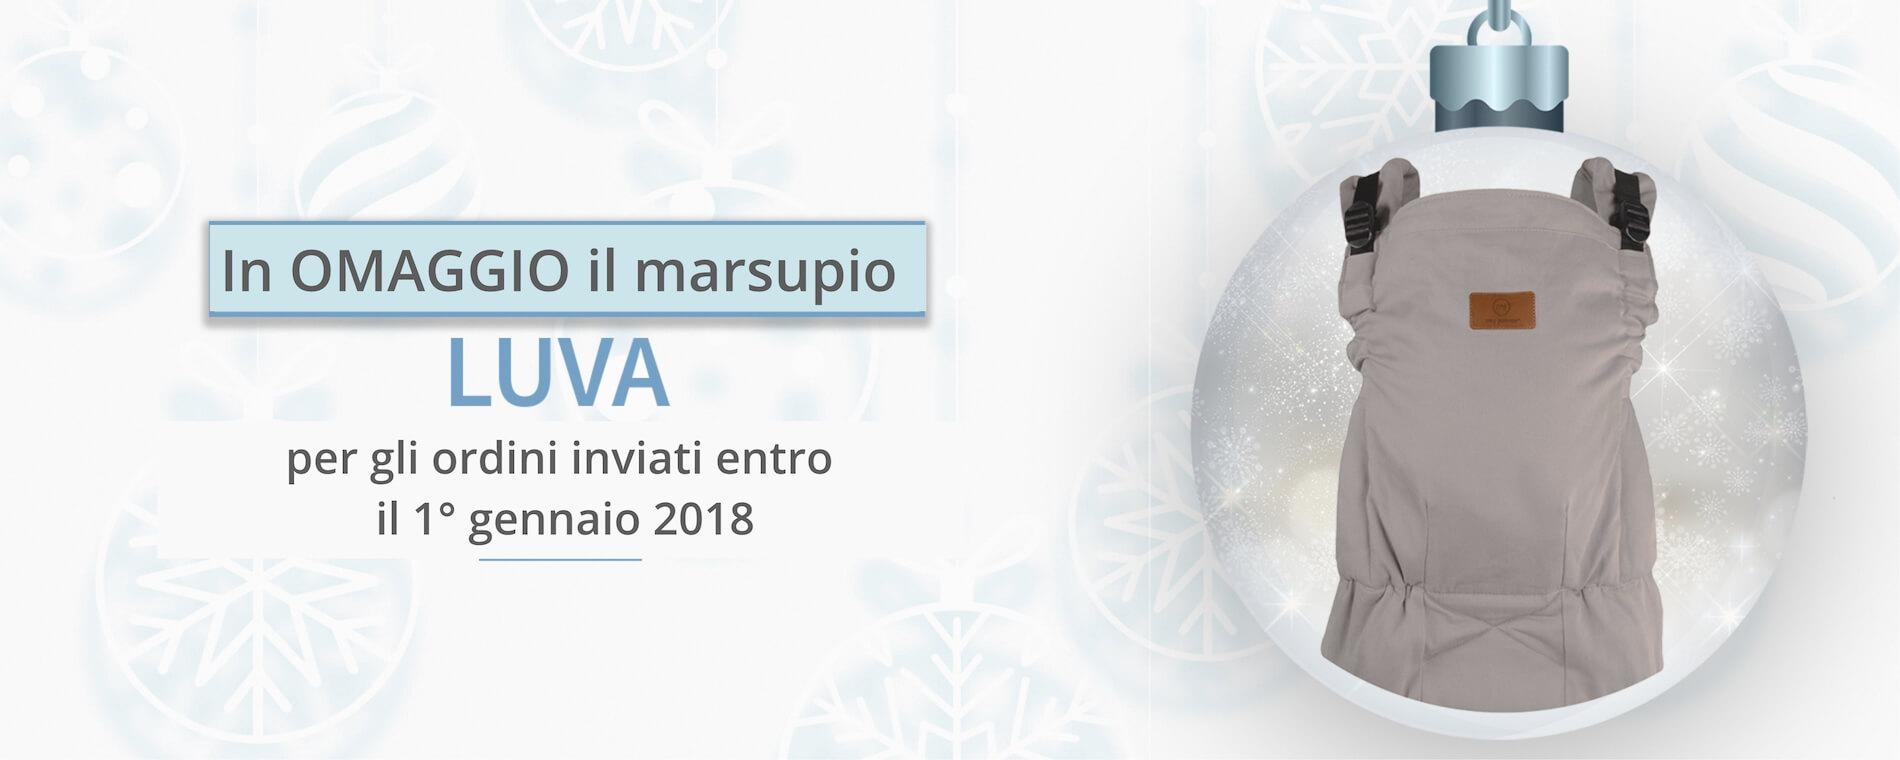 marupio-luva-omaggio1900w